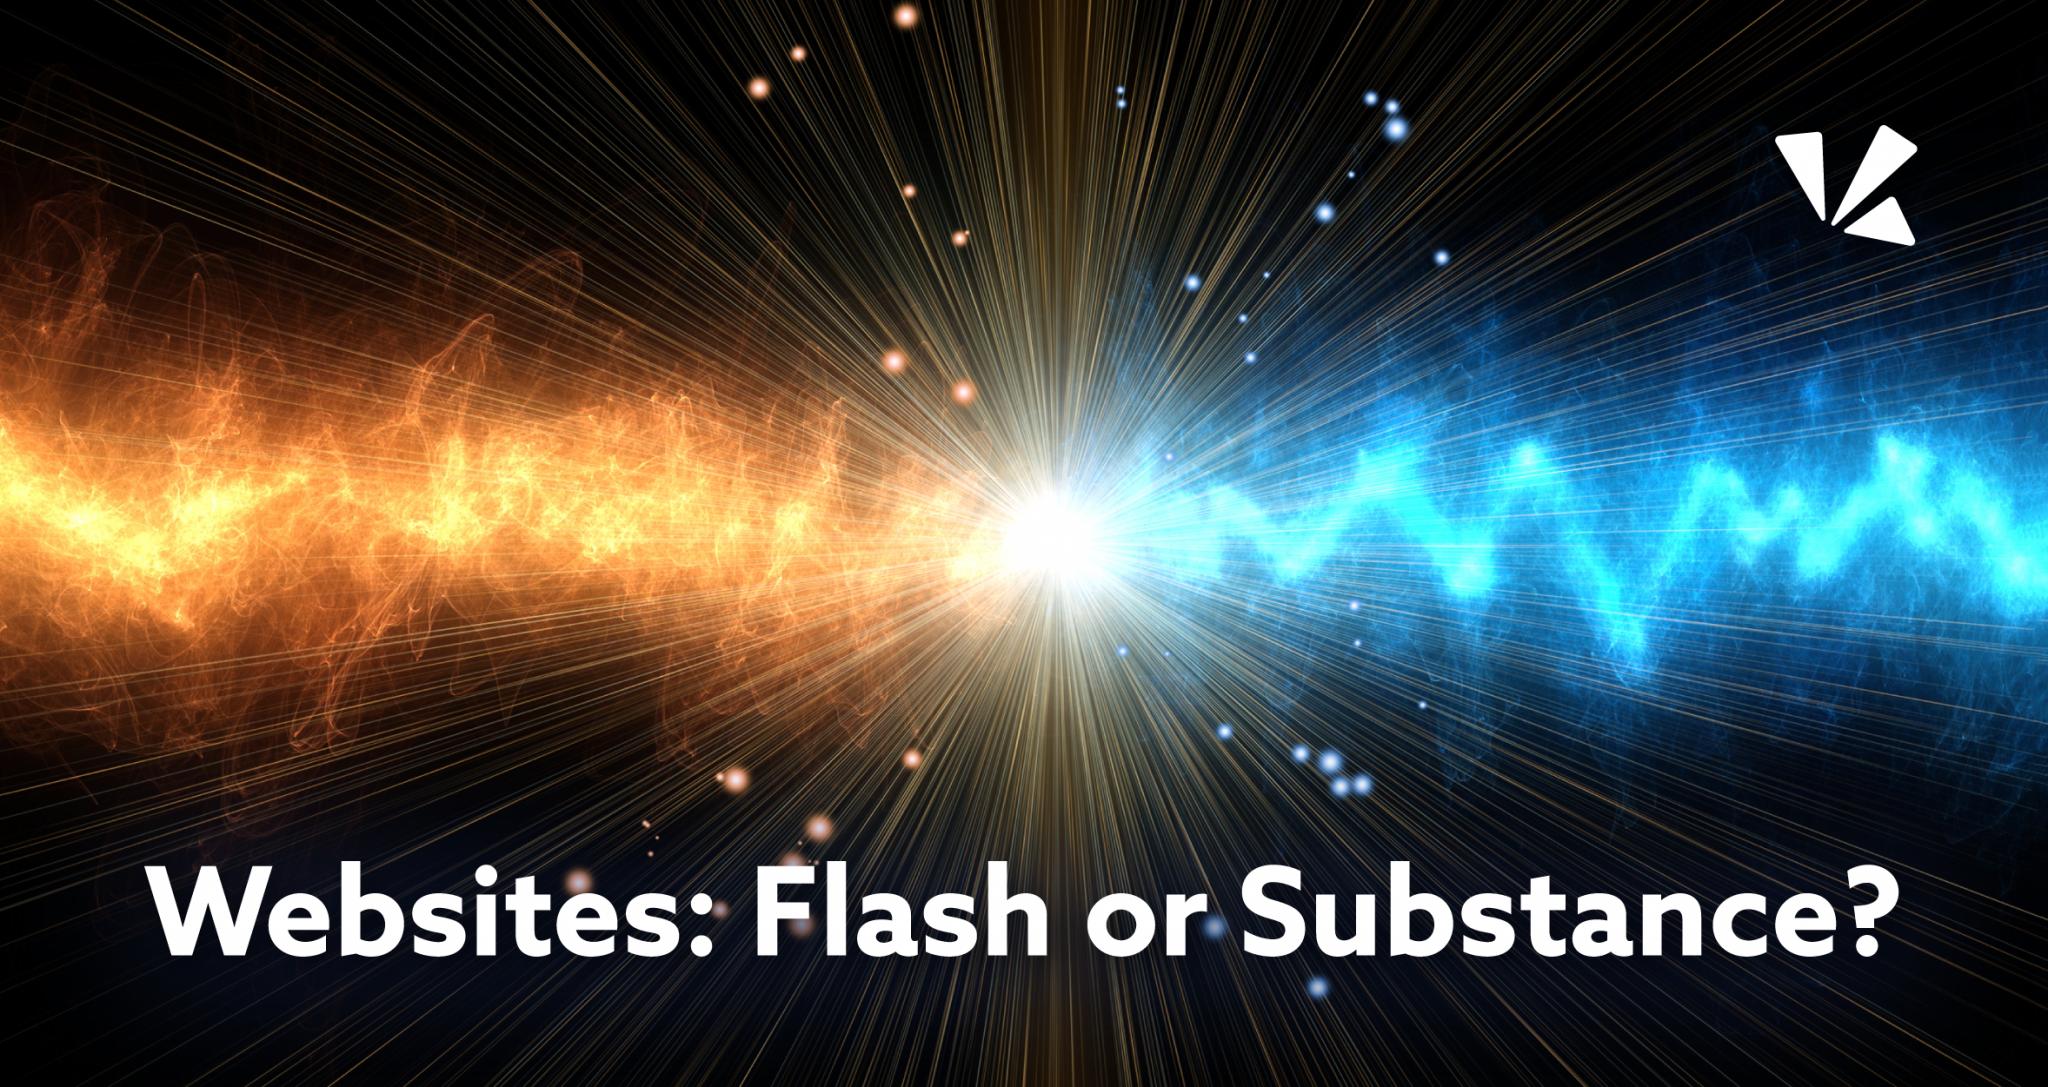 Websites: flash or substance blog header